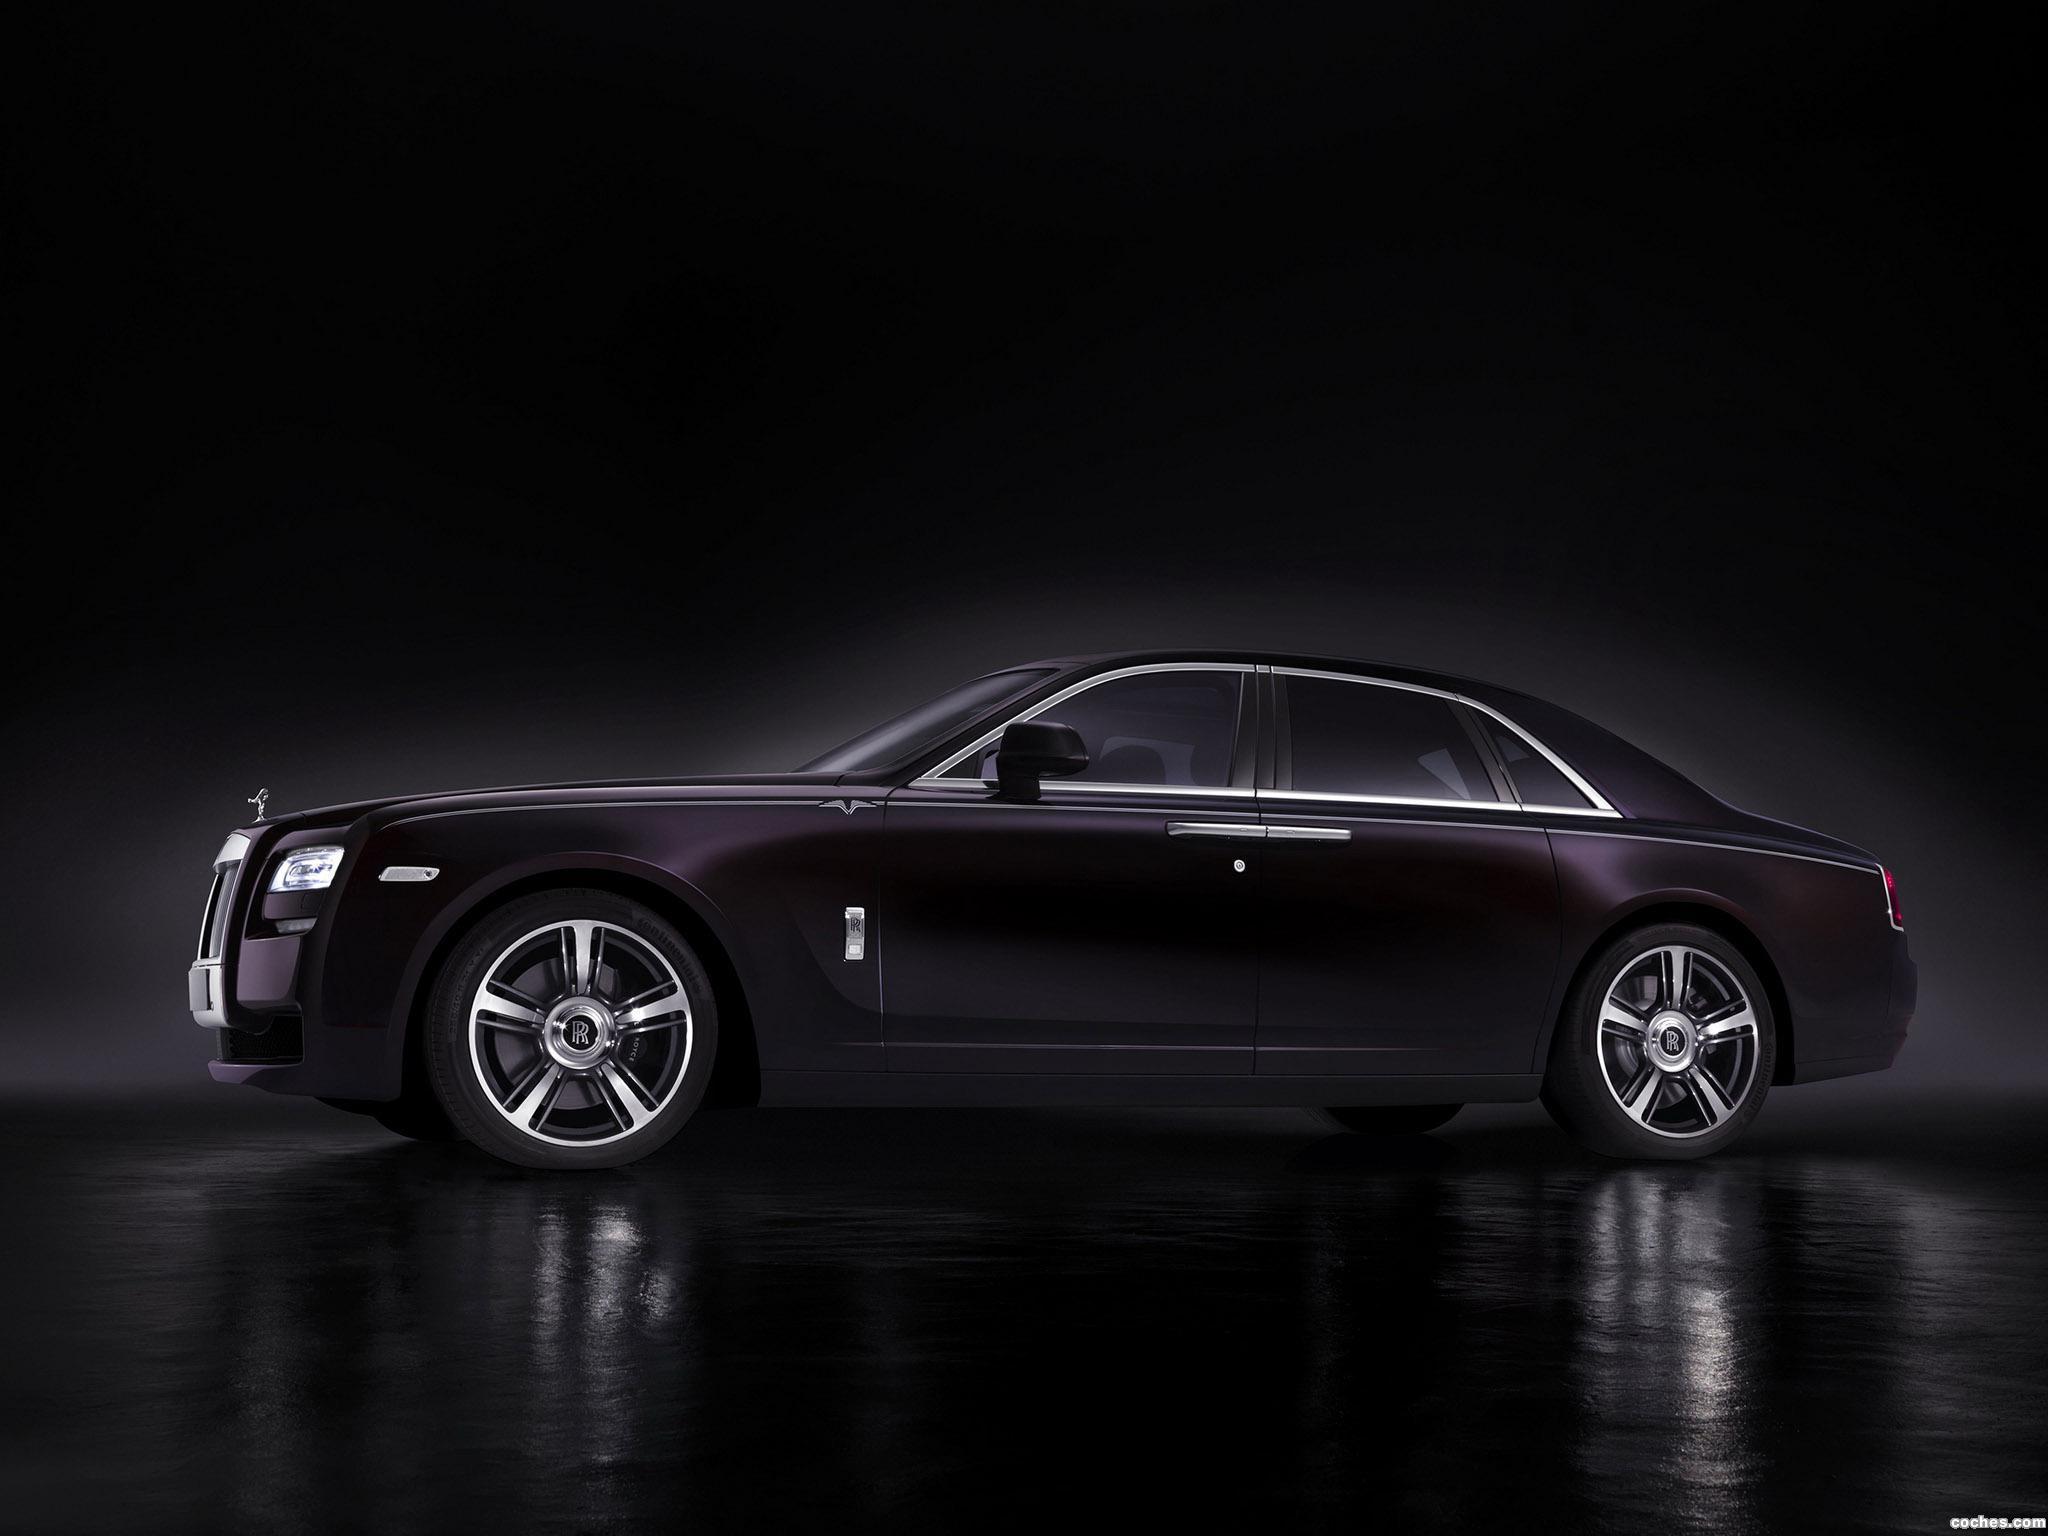 Foto 2 de Rolls Royce Ghost V Specification 2014